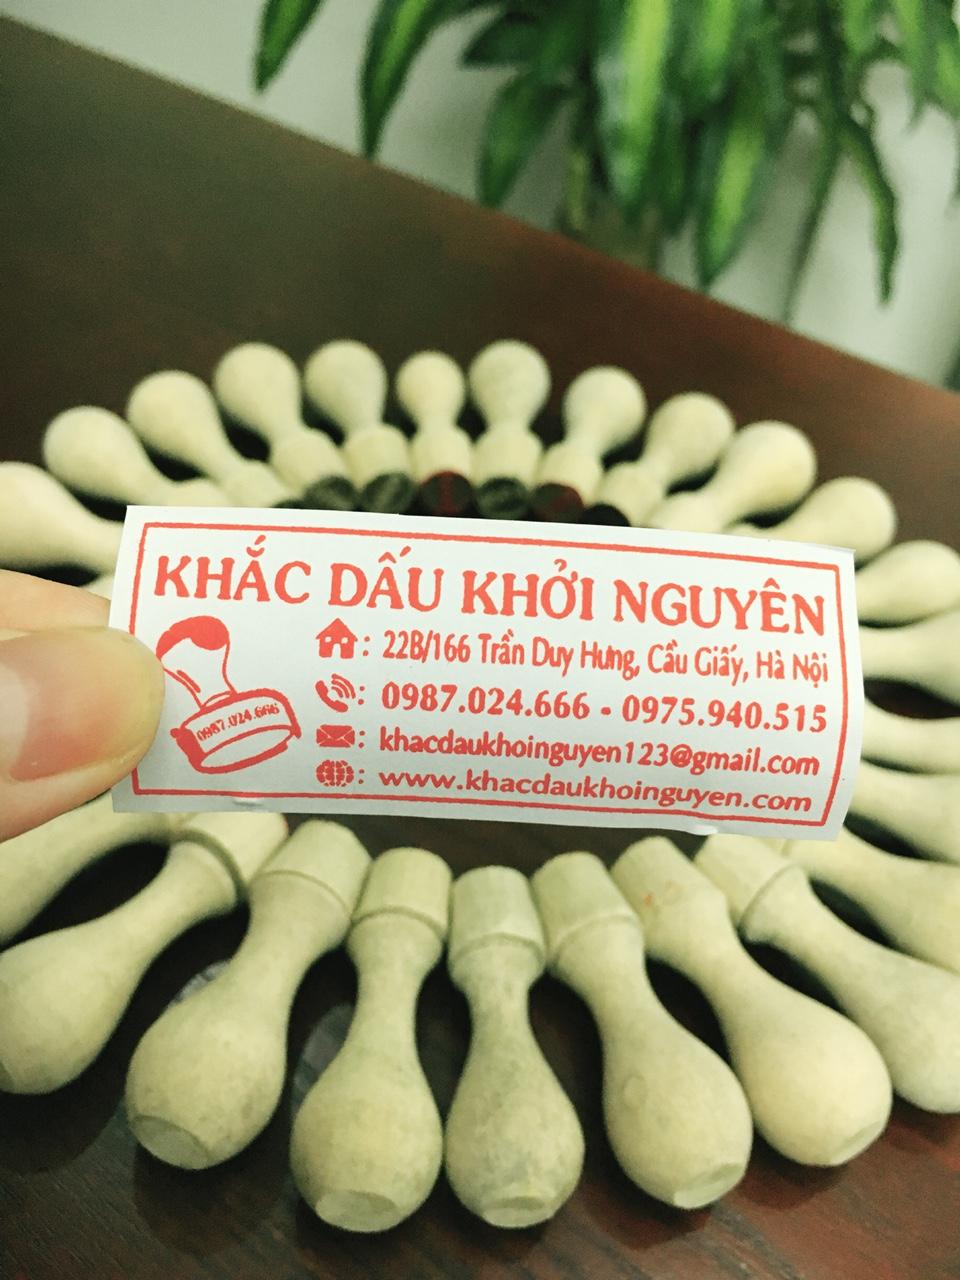 Công ty khắc dấu giá rẻ hàng đầu Hà Nội